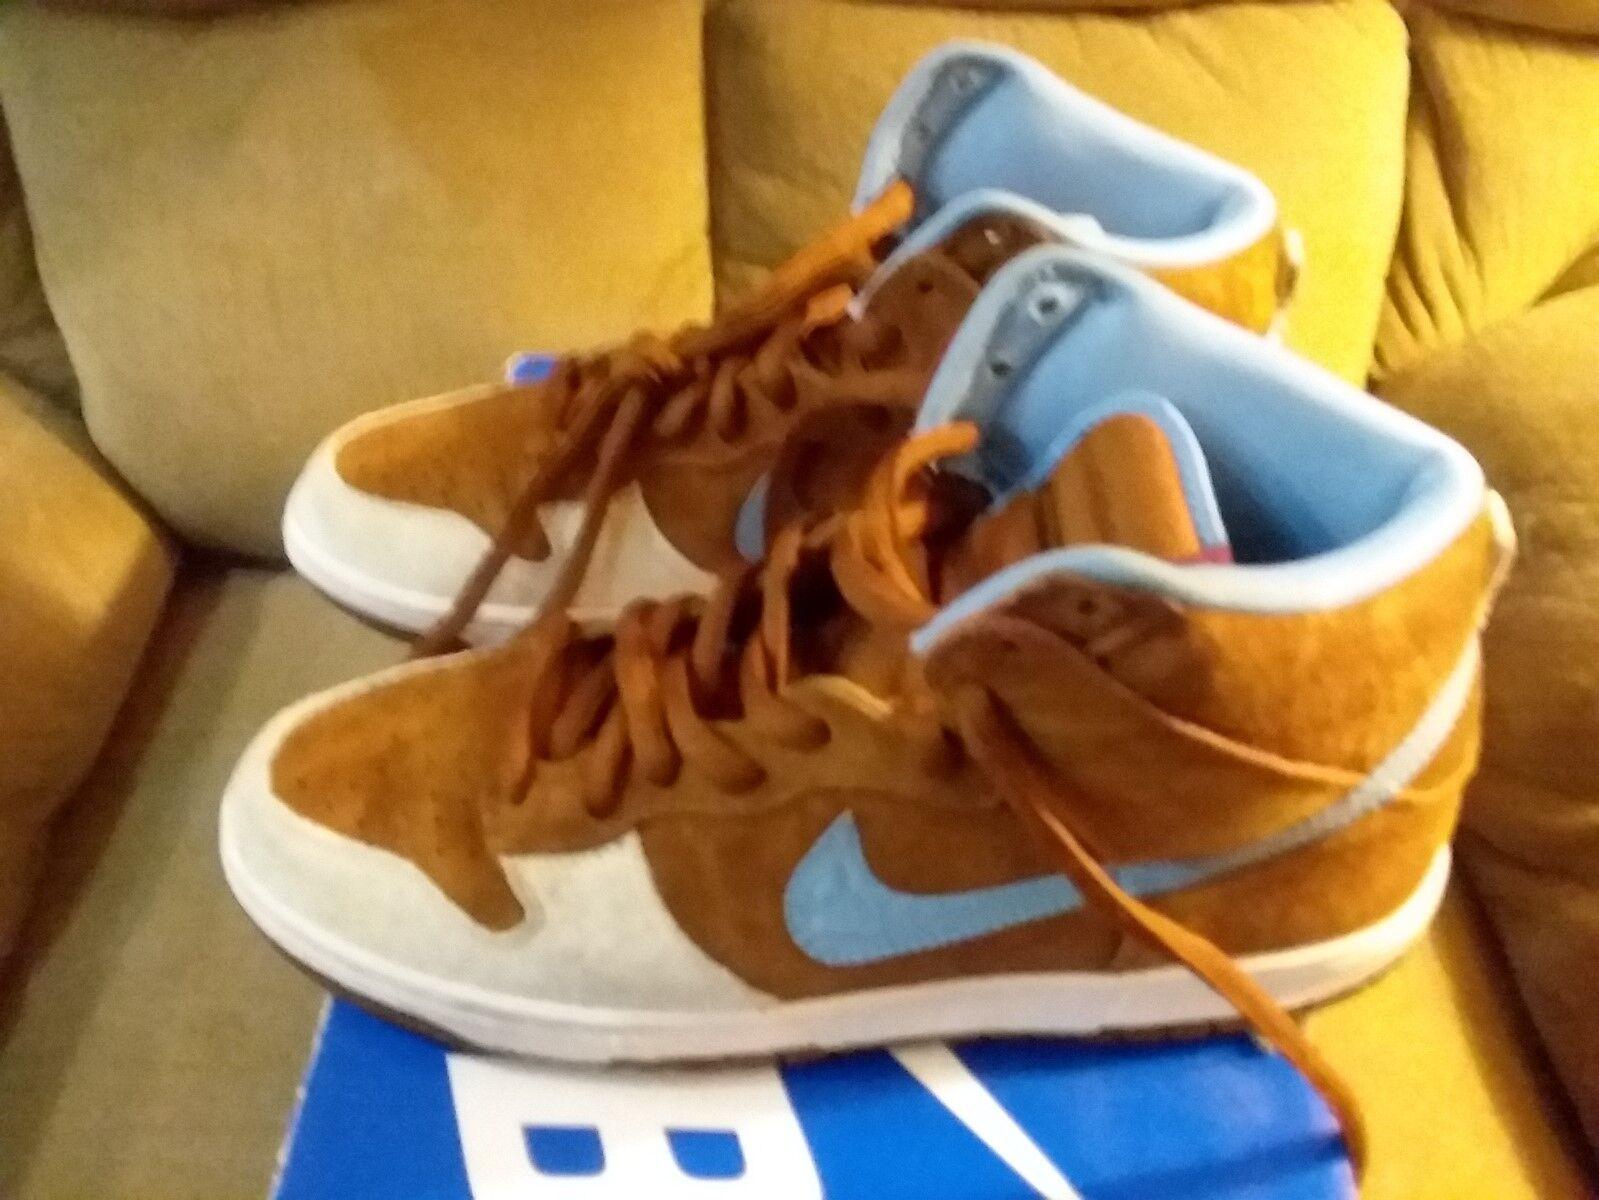 Nike sb (10) pattinare Uomotale schiacciare alta (10) sb nocciola azzurro 313171-241 vnds 2009! 773517